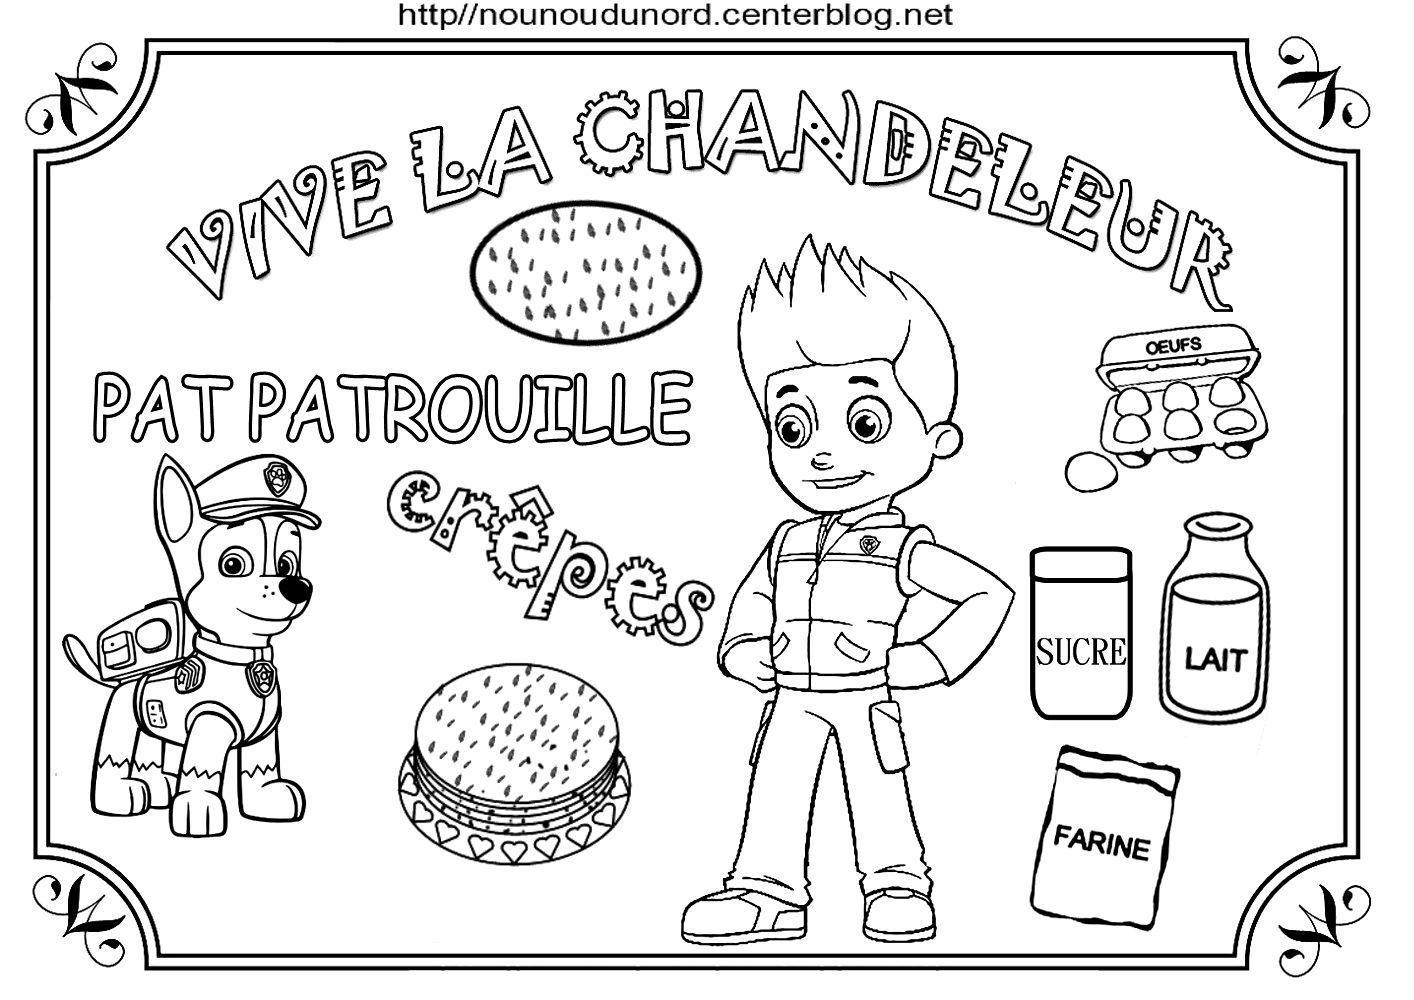 Coloriage Pat Patrouille Maternelle.Chandeleur Pat Patrouille Fait Des Crepes